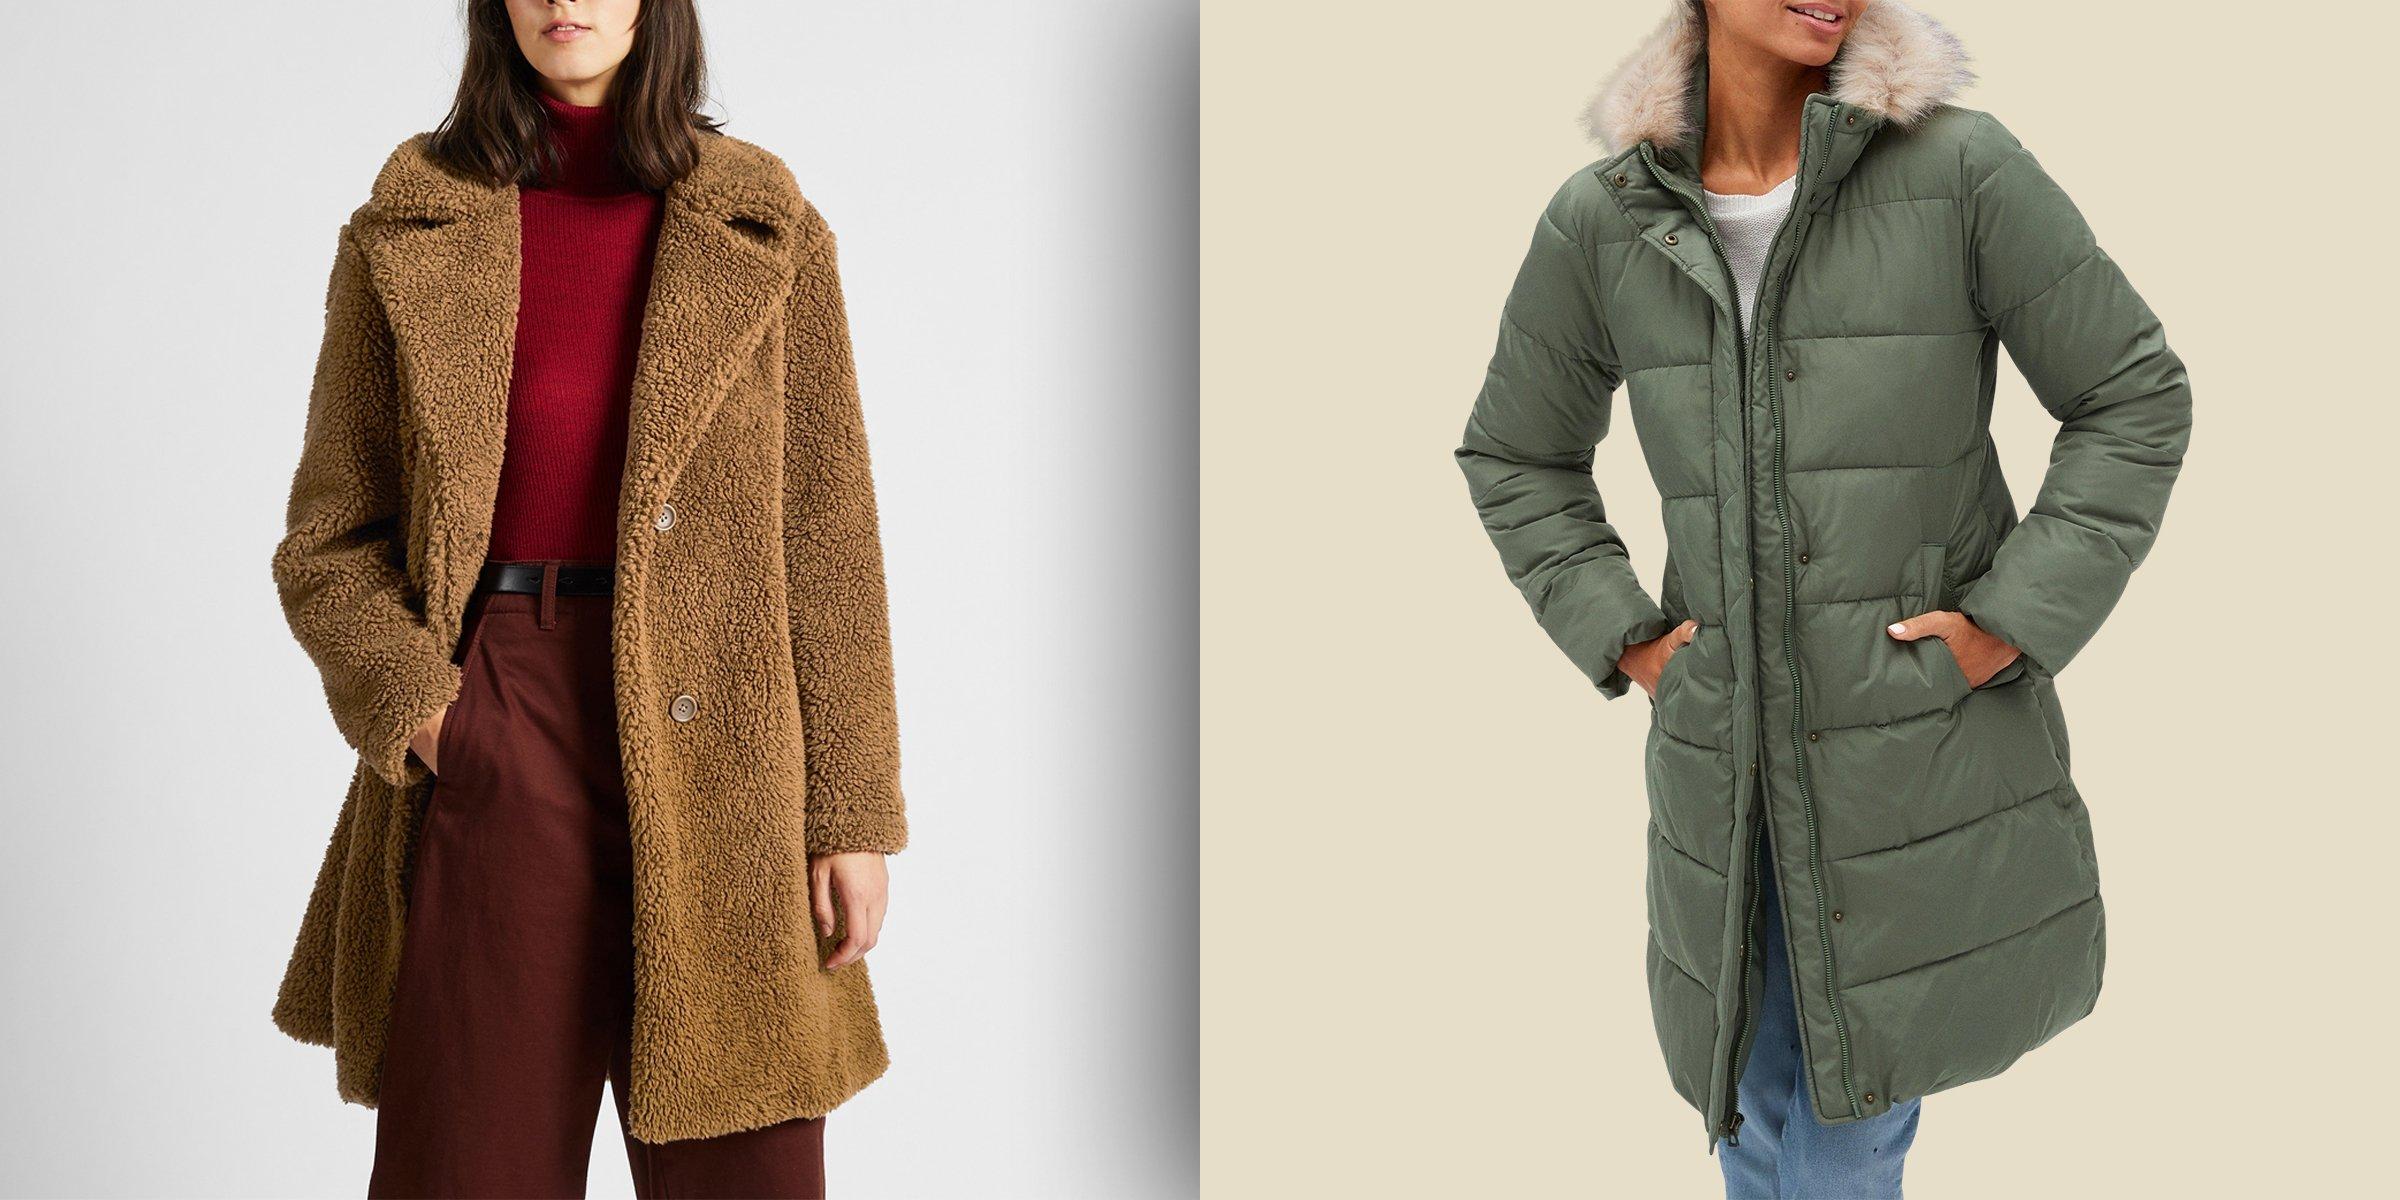 Damen Mantel kaufen welcher Wintermantel eignet sich perfekt für Siе?